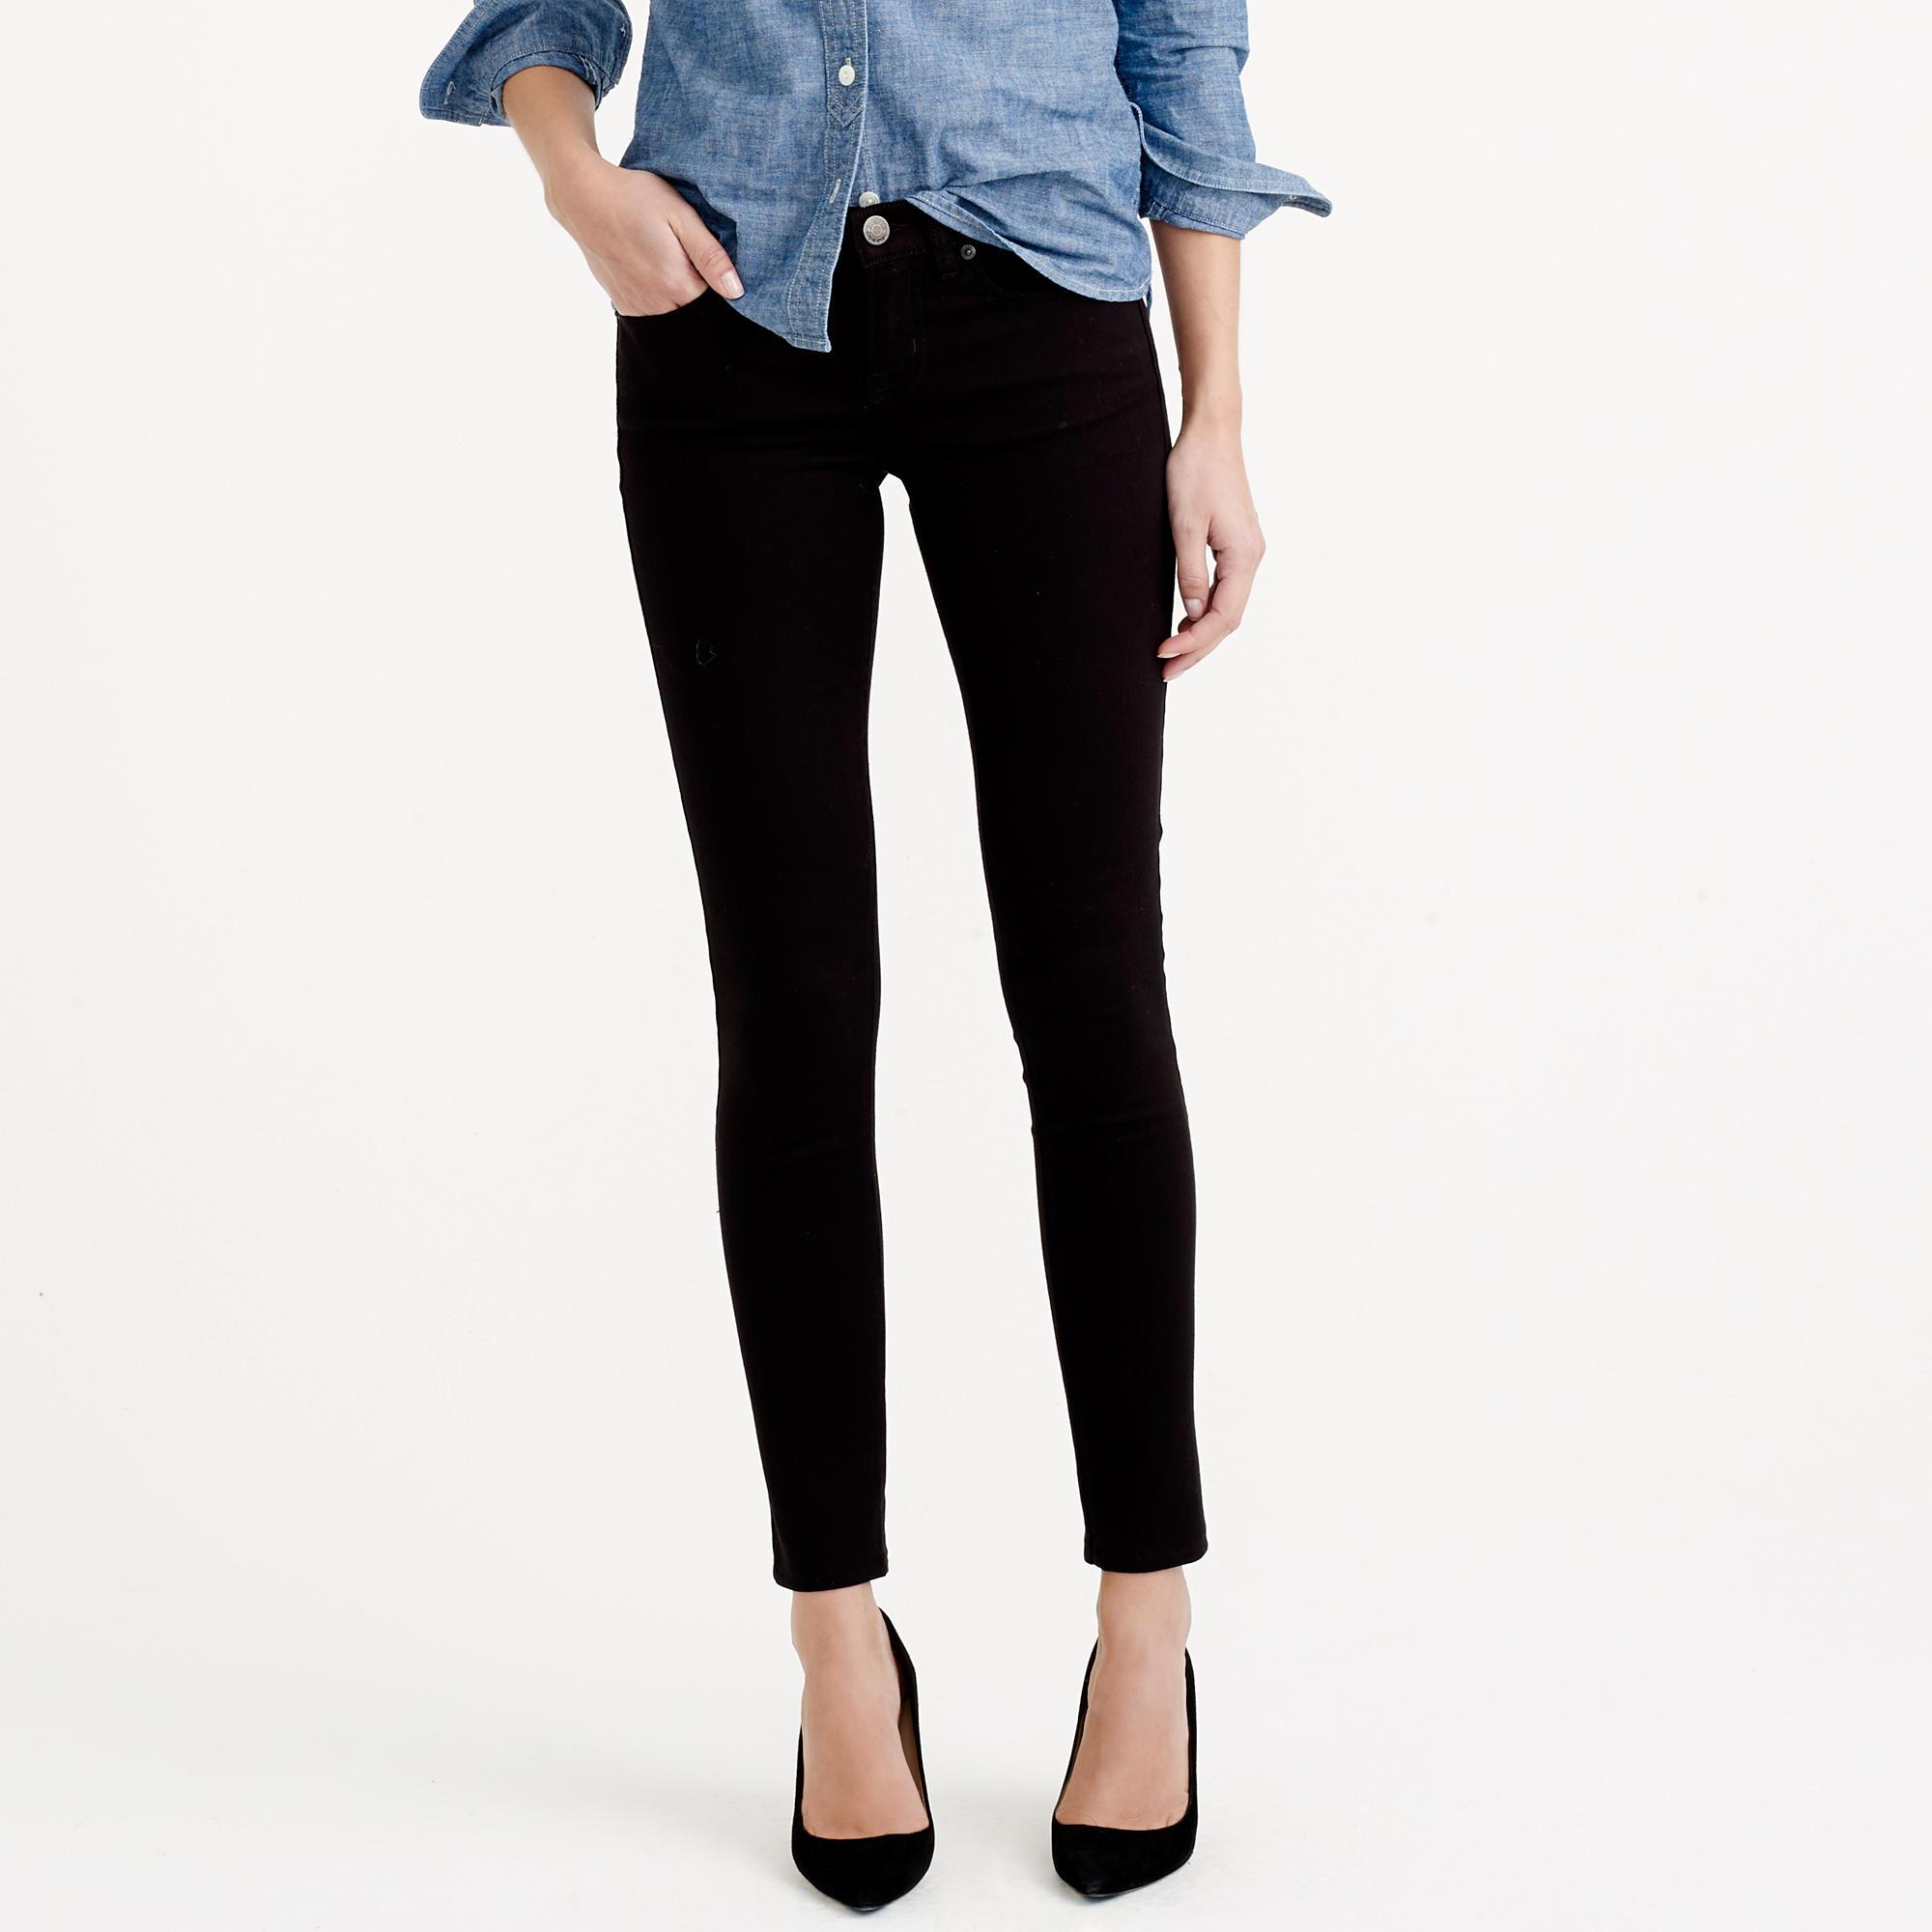 Toothpick Jean In Black : Women's Jeans | J.Crew